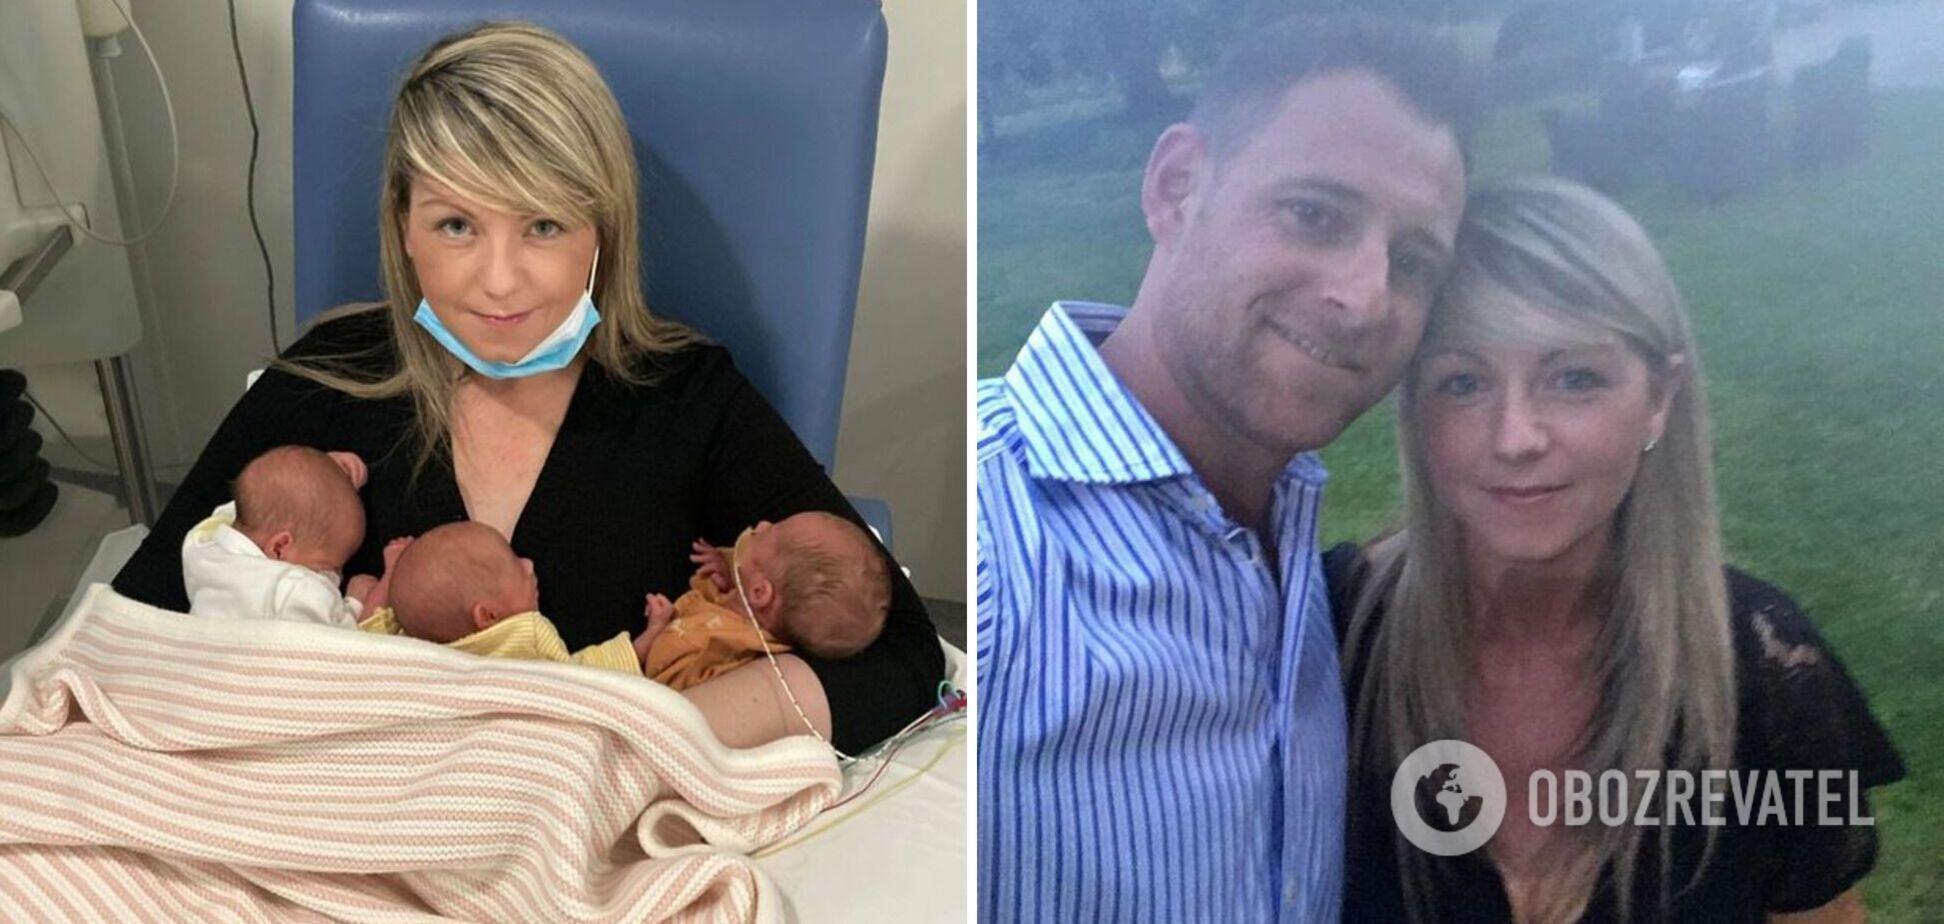 Женщина за год родила четверо детей: как на это отреагировал ее муж. Фото